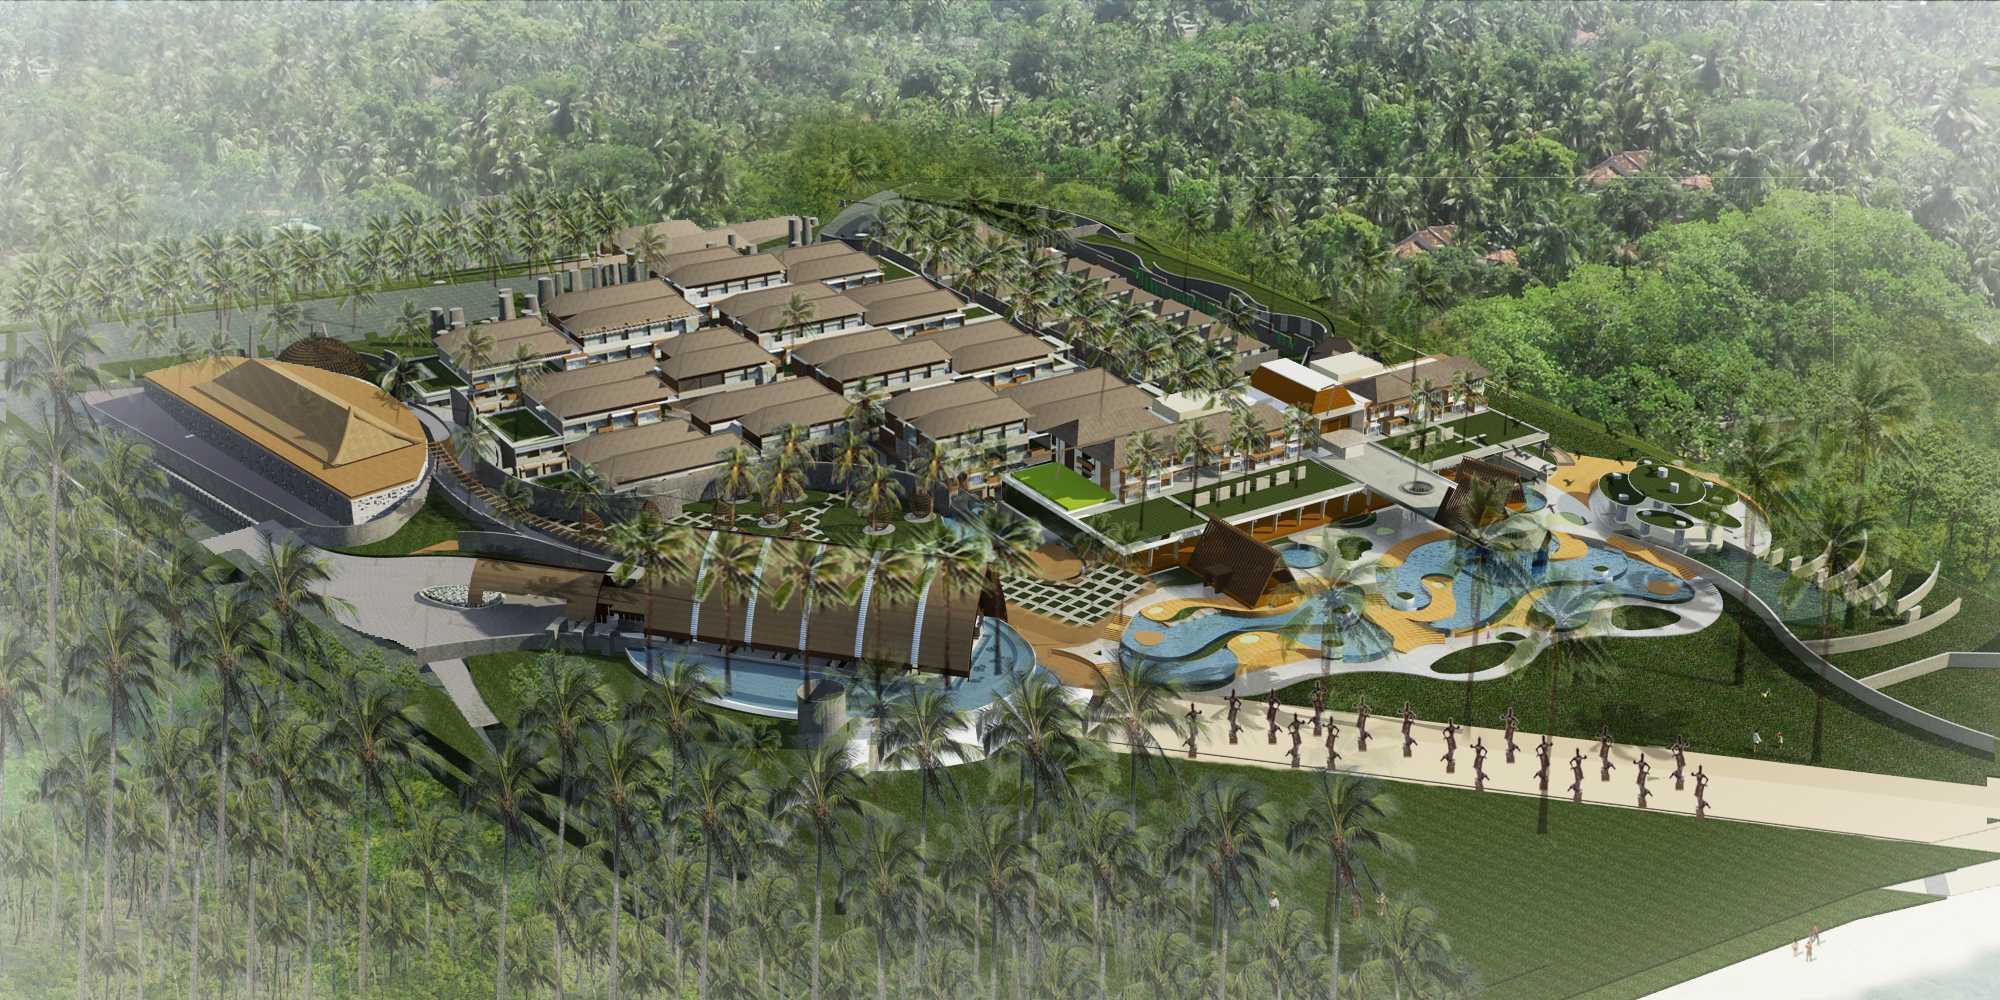 Wicaksono Pandyo Prasasto Grand Inna Putri Hotel Bali Nusa Dua, Bali Nusa Dua, Bali Grand-Inna-Putri-Hotel-Bali-2   27408